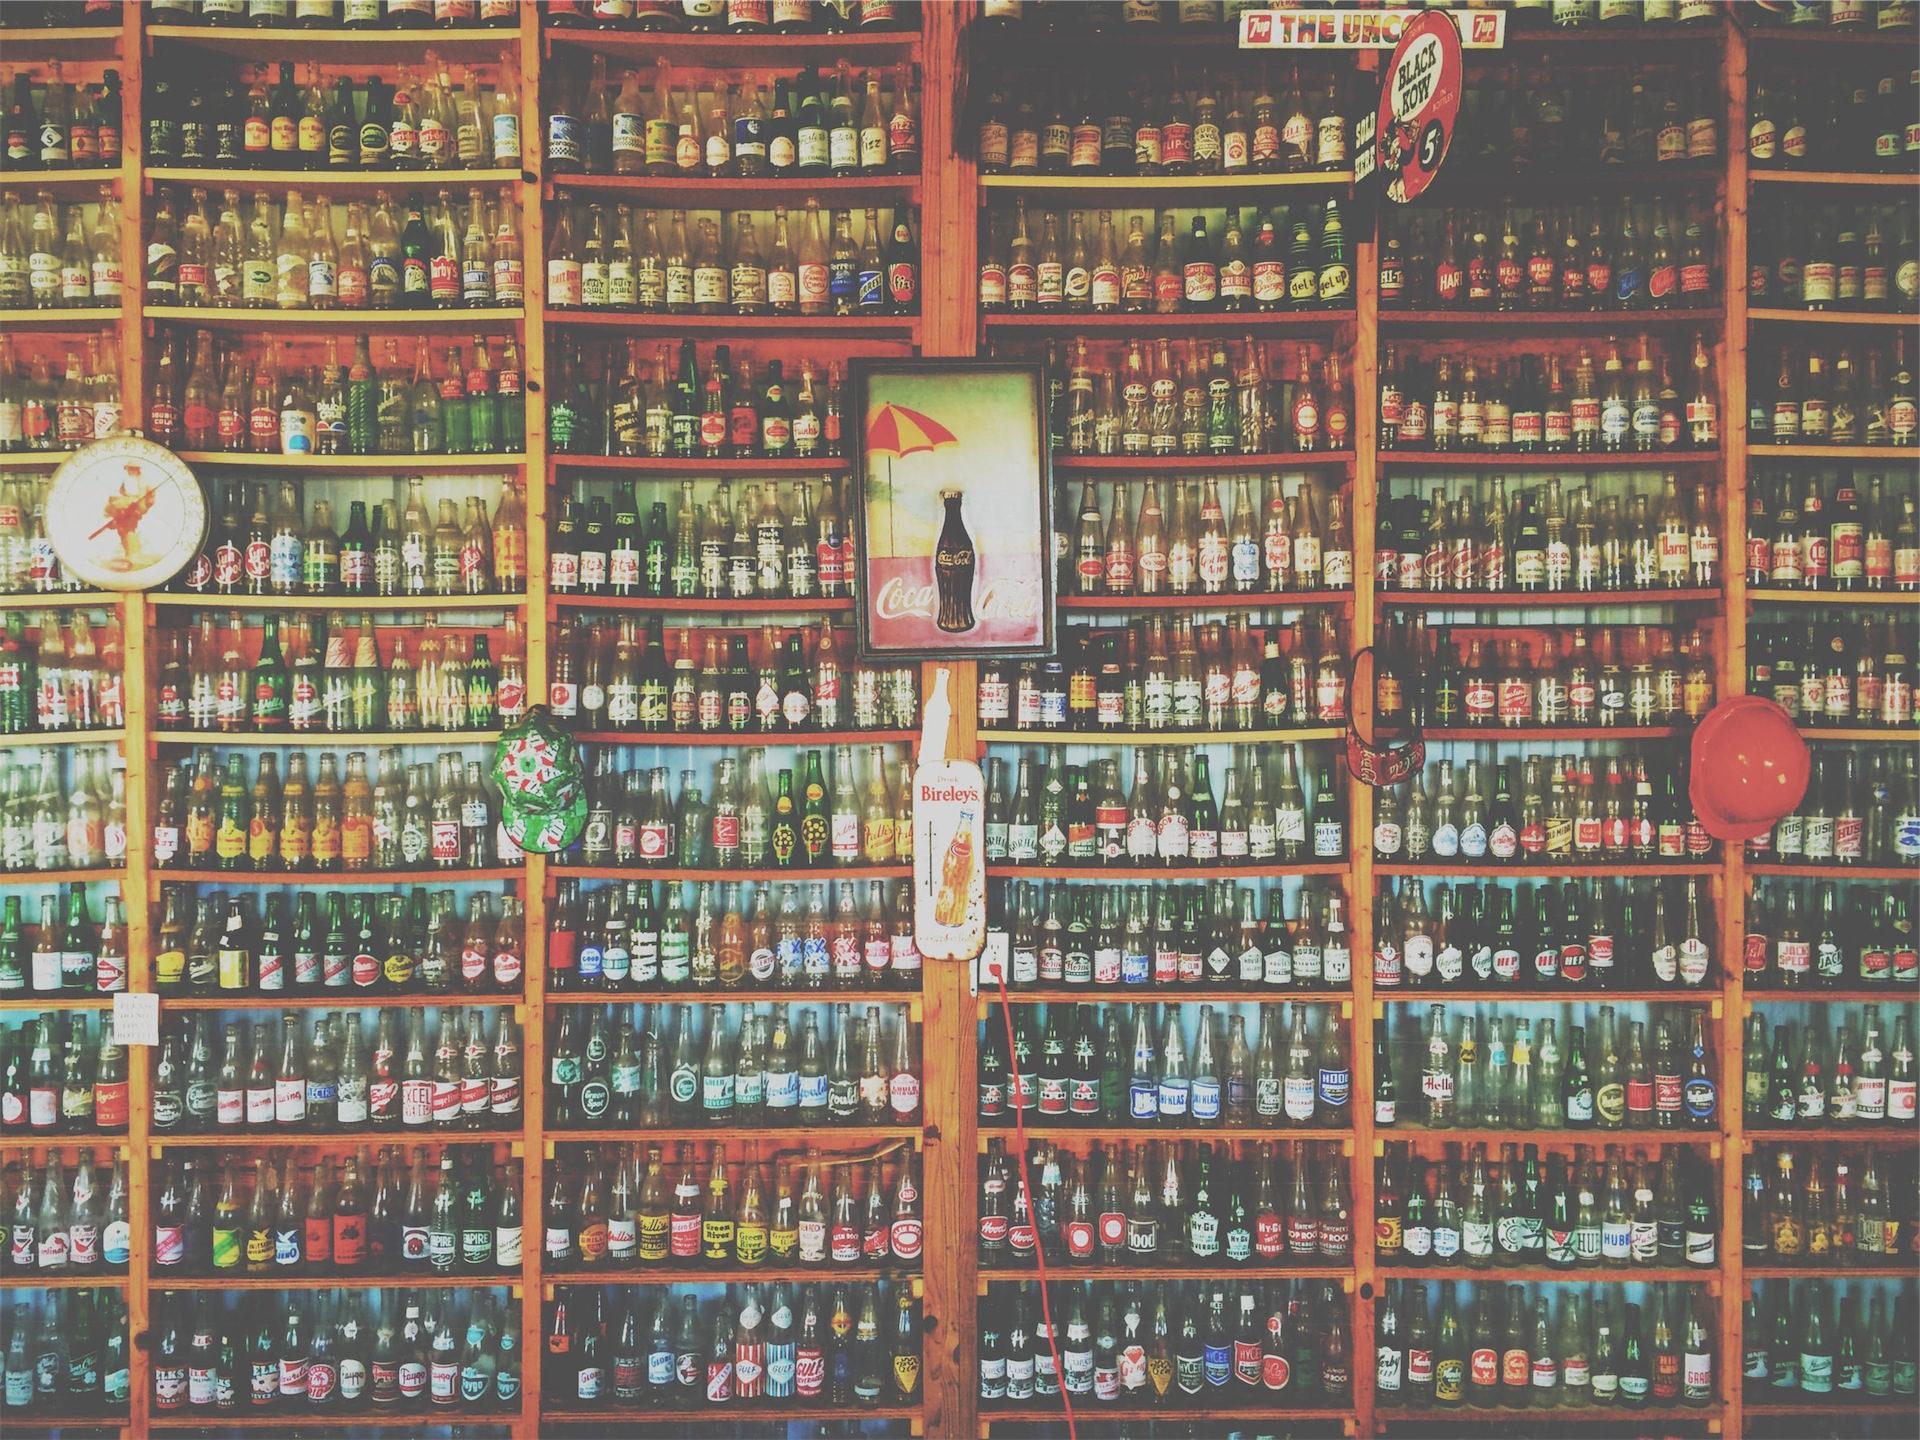 μπουκάλια, μη αλκοολούχα ποτά, μπύρα, ράφια, συλλογή - Wallpapers HD - Professor-falken.com